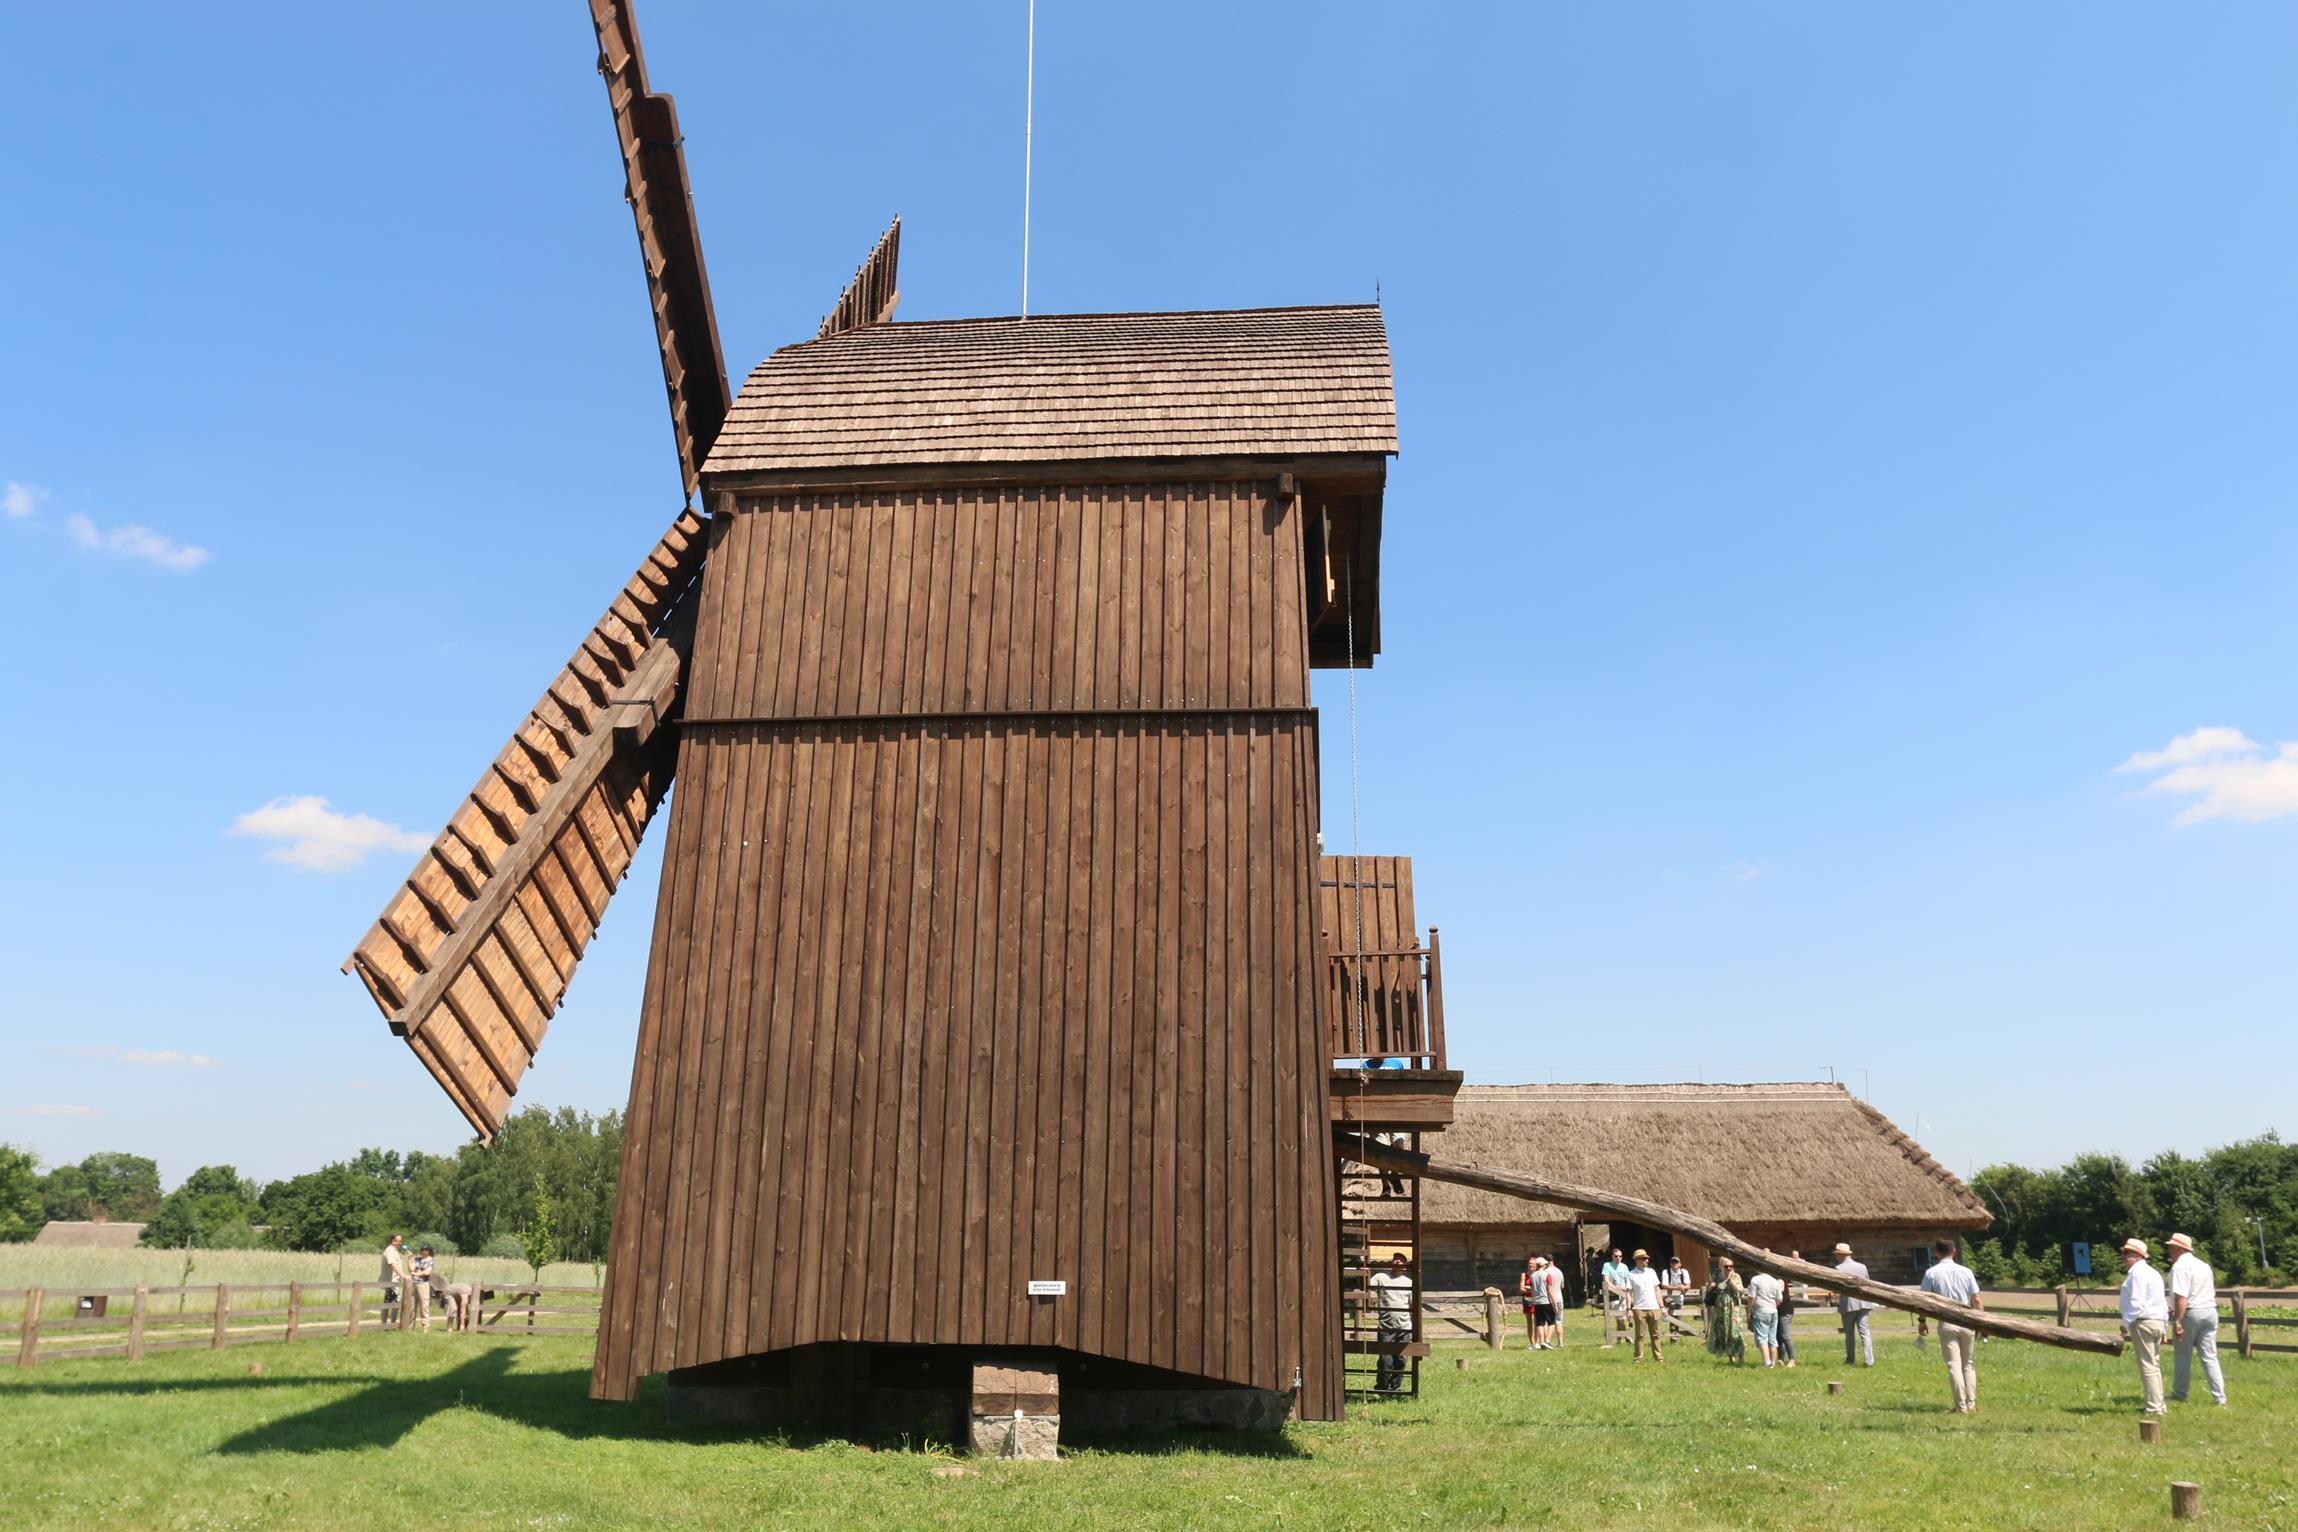 Tak dawniej produkowano mąkę. Muzeum ma nową atrakcję  - Zdjęcie główne